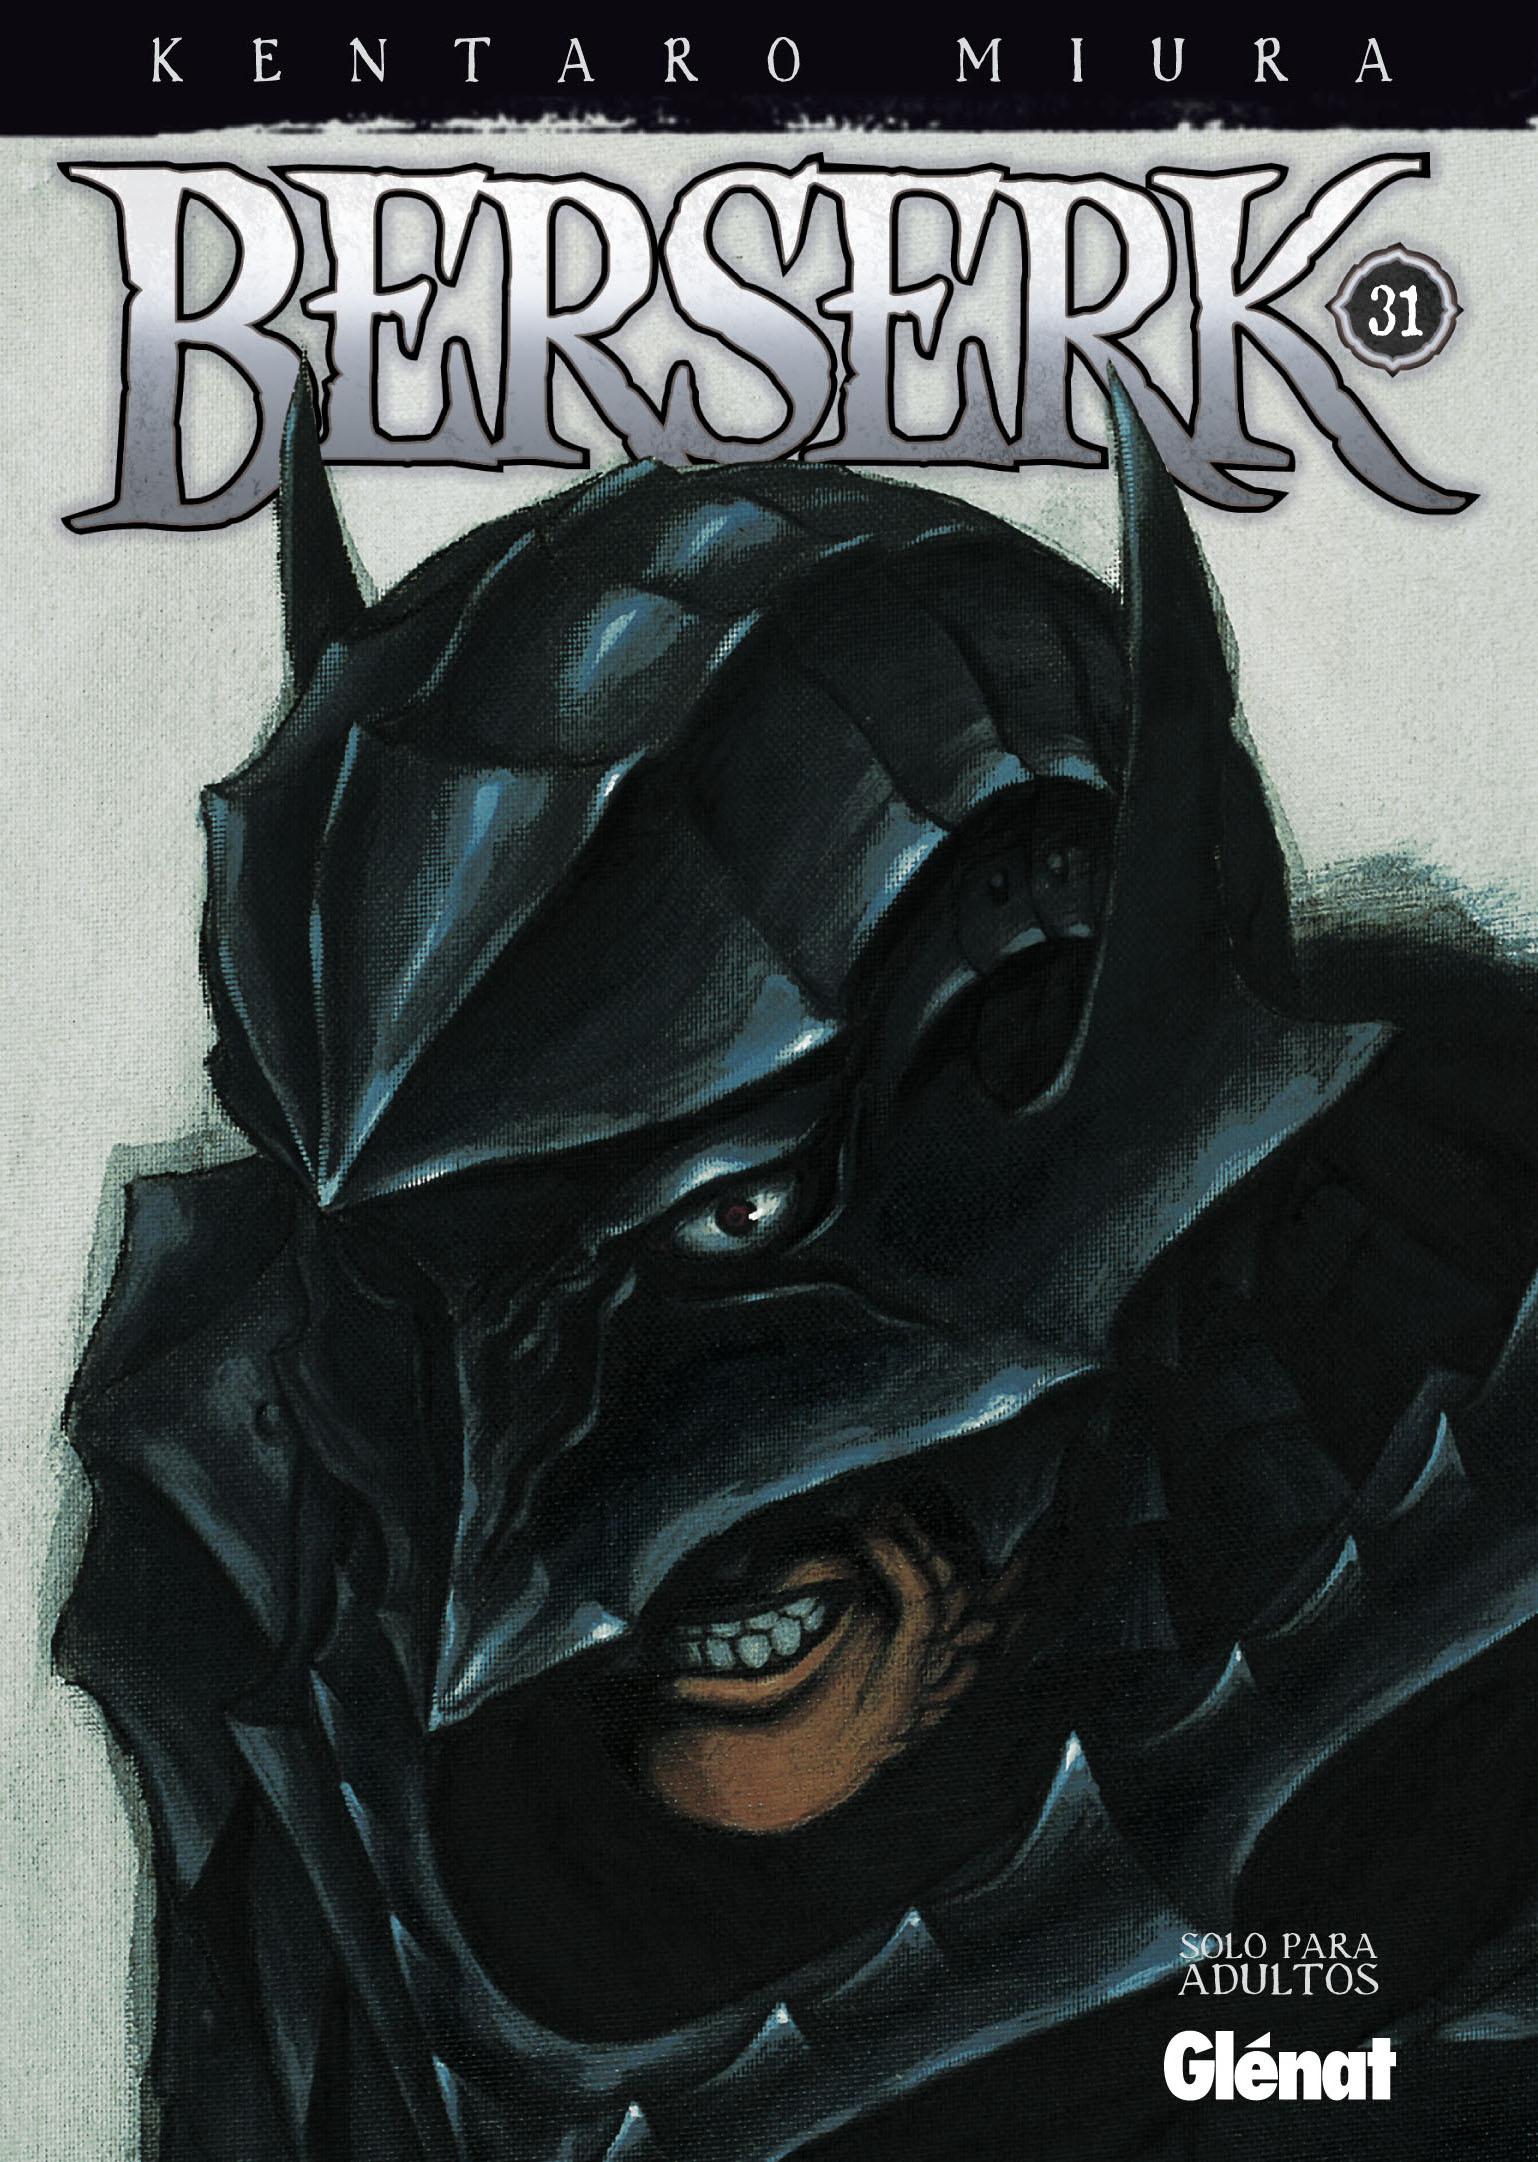 Post  -- Berserk -- Tomo 40 a la venta el 23 de mayo. - Página 3 6175075130_12cbc775d2_o